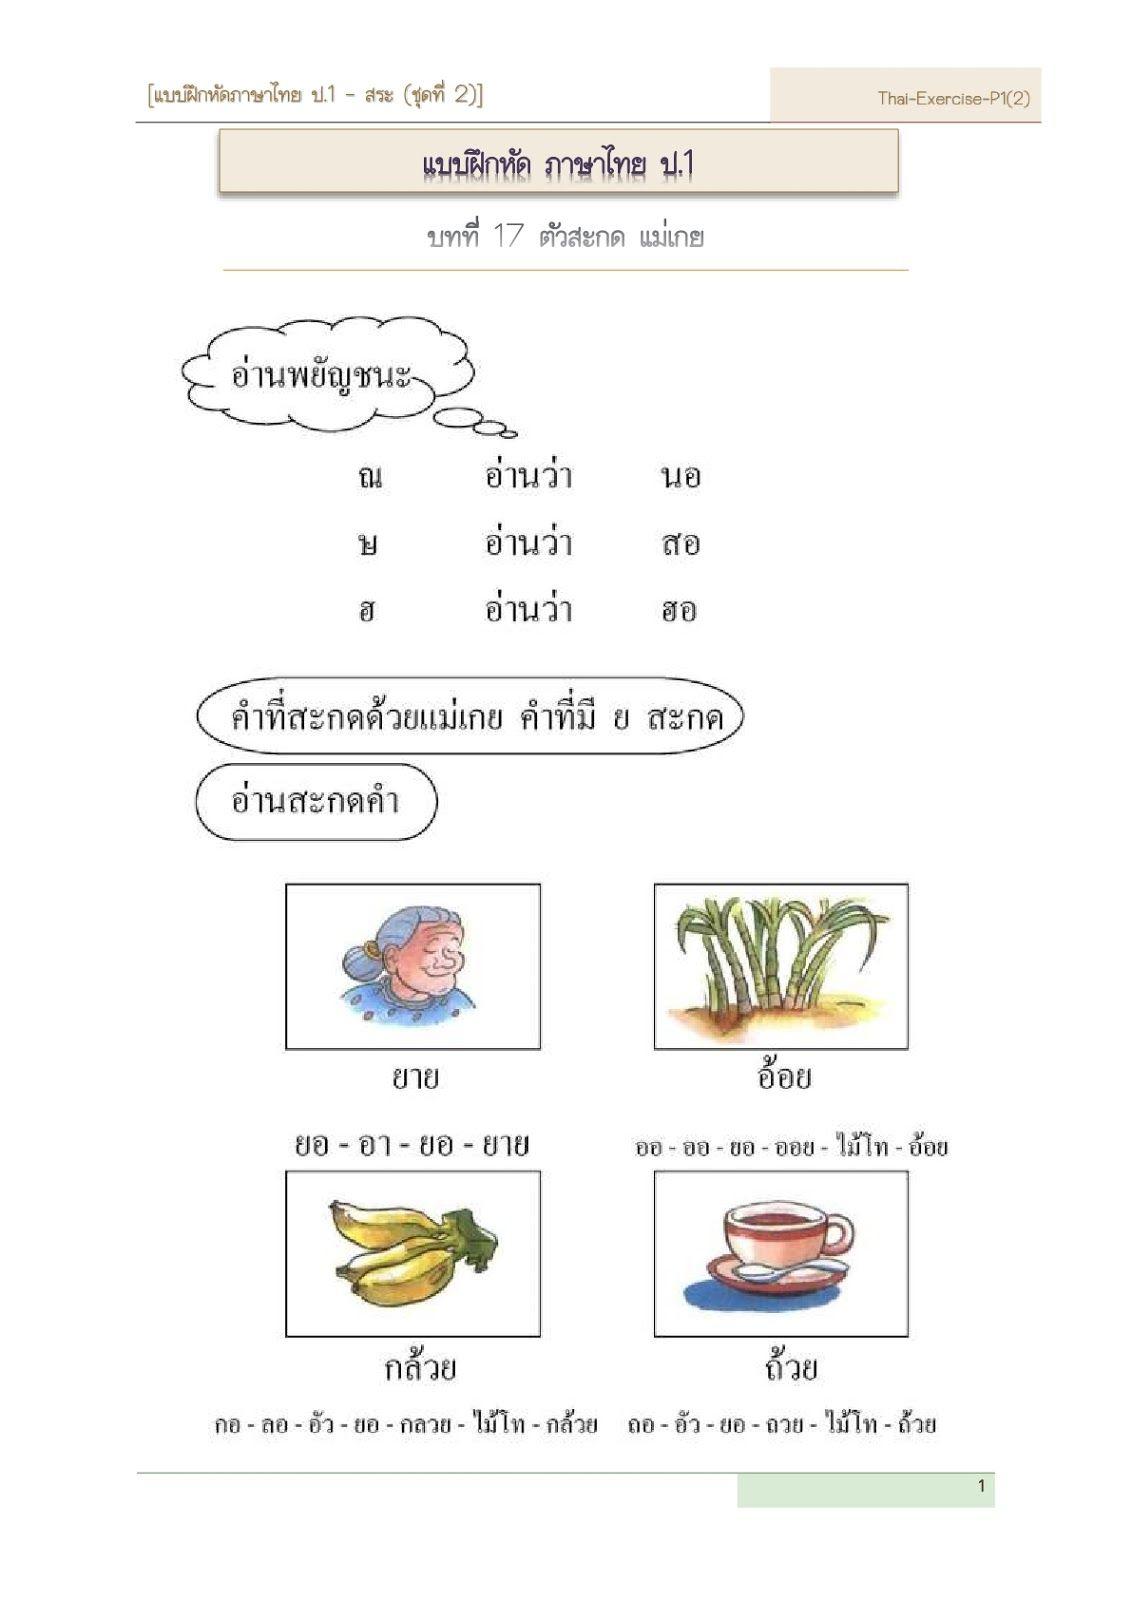 แบบทดสอบ - แบบฝึกหัด: แบบฝึกหัดภาษาไทย ป.1 - ภาษาไทย (ชุดที่ 2) - บท ...